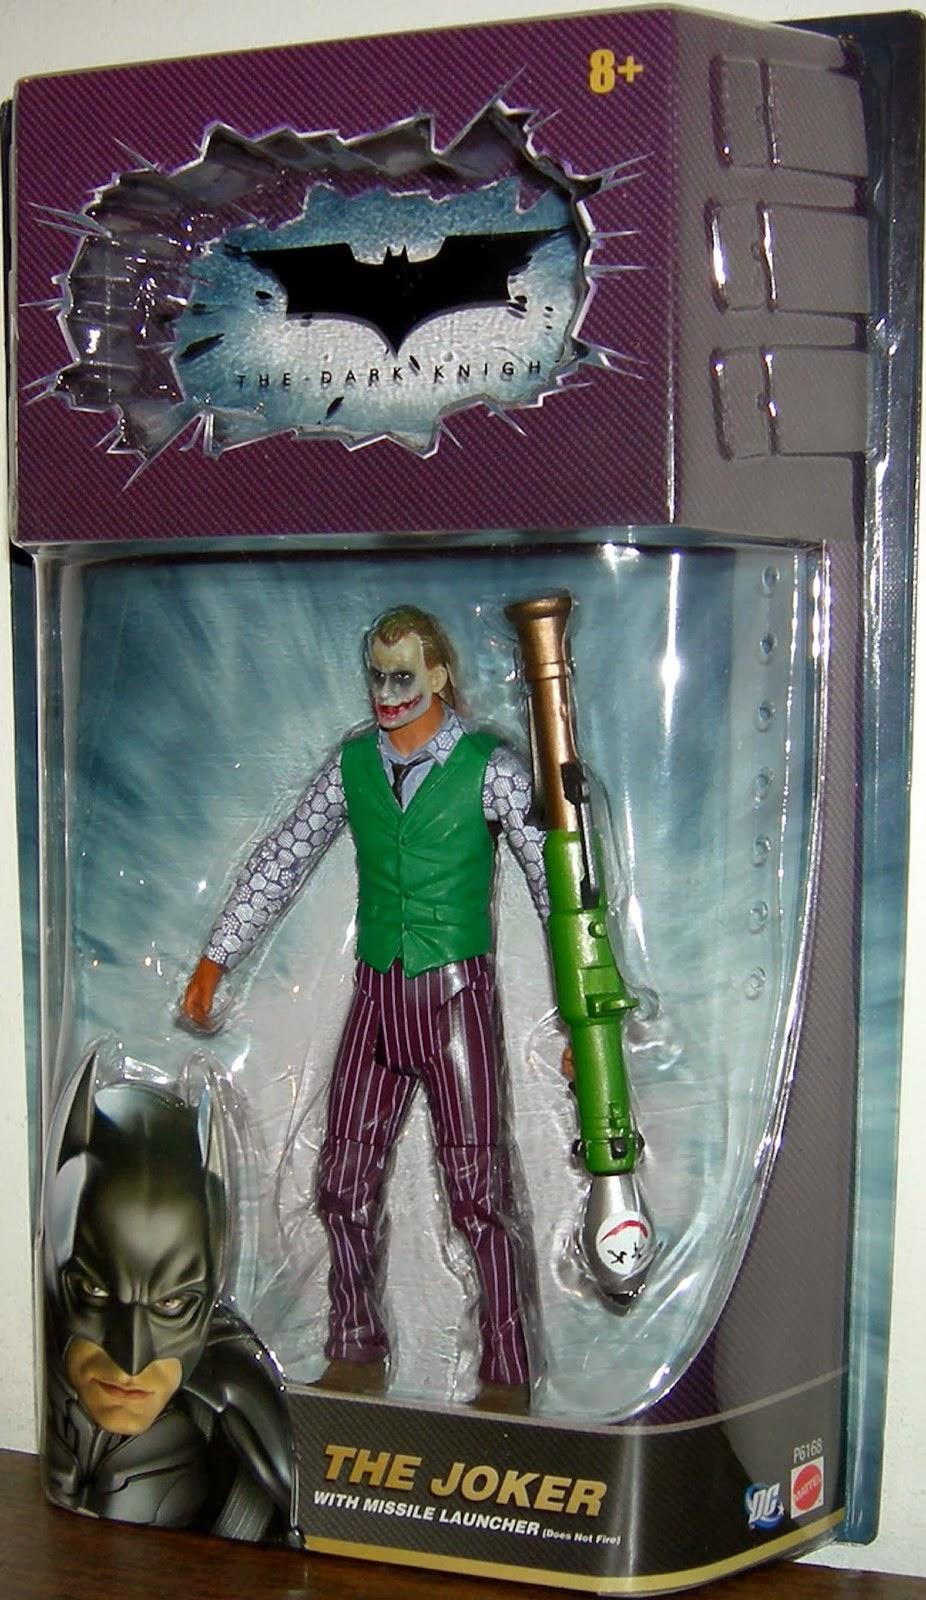 Batman V Superman Hot Toys Batman Movie Masterpiece 16 Scale Figure Exclusive Review